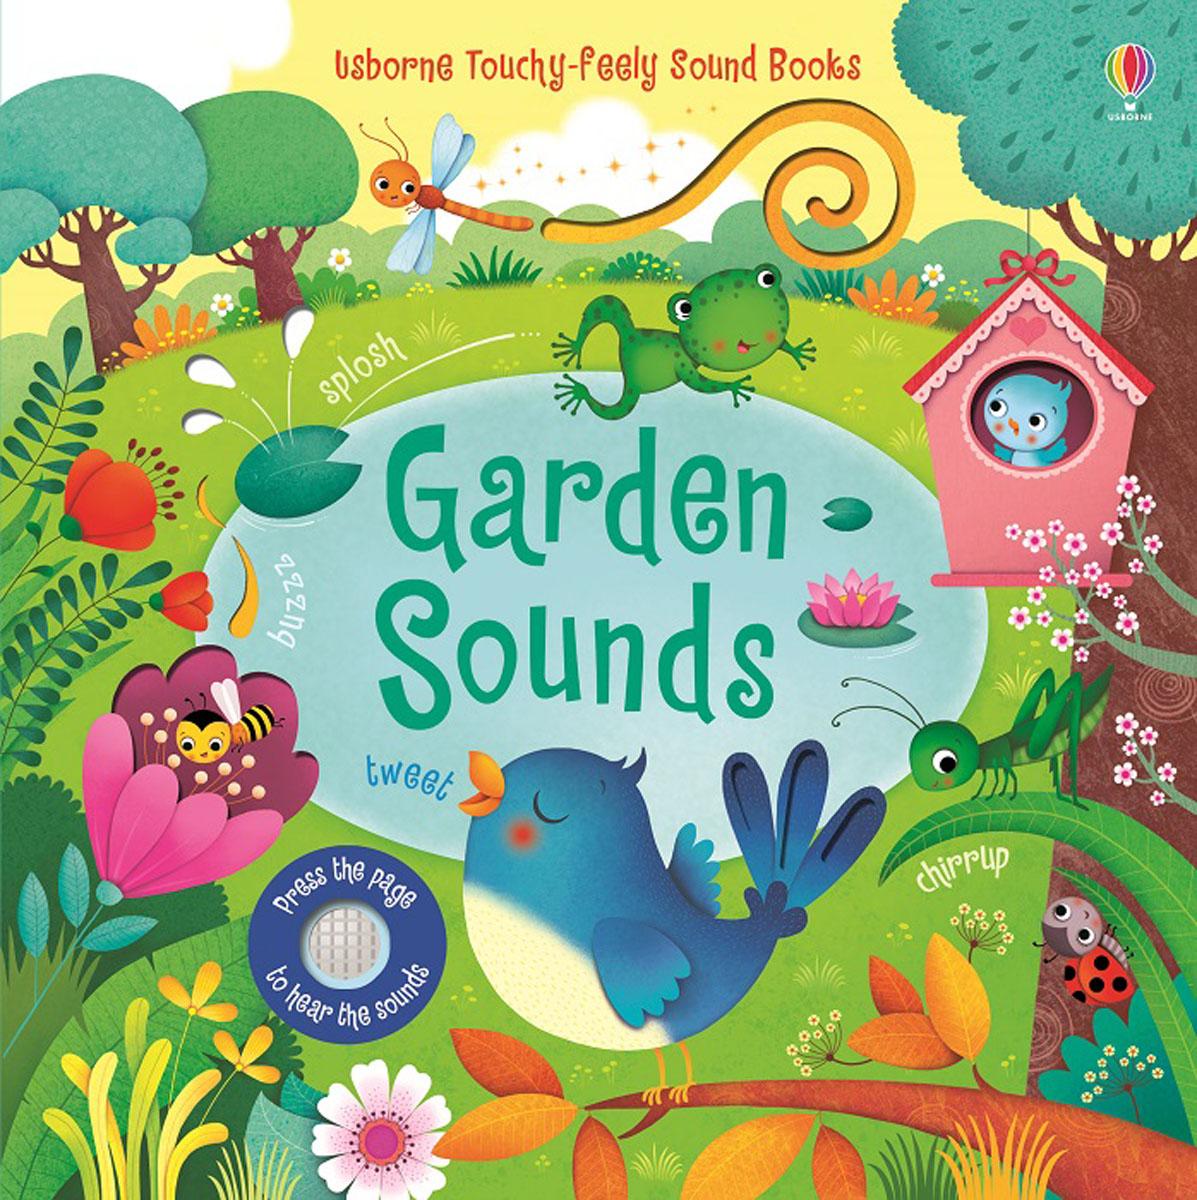 Garden Sounds peep inside the garden